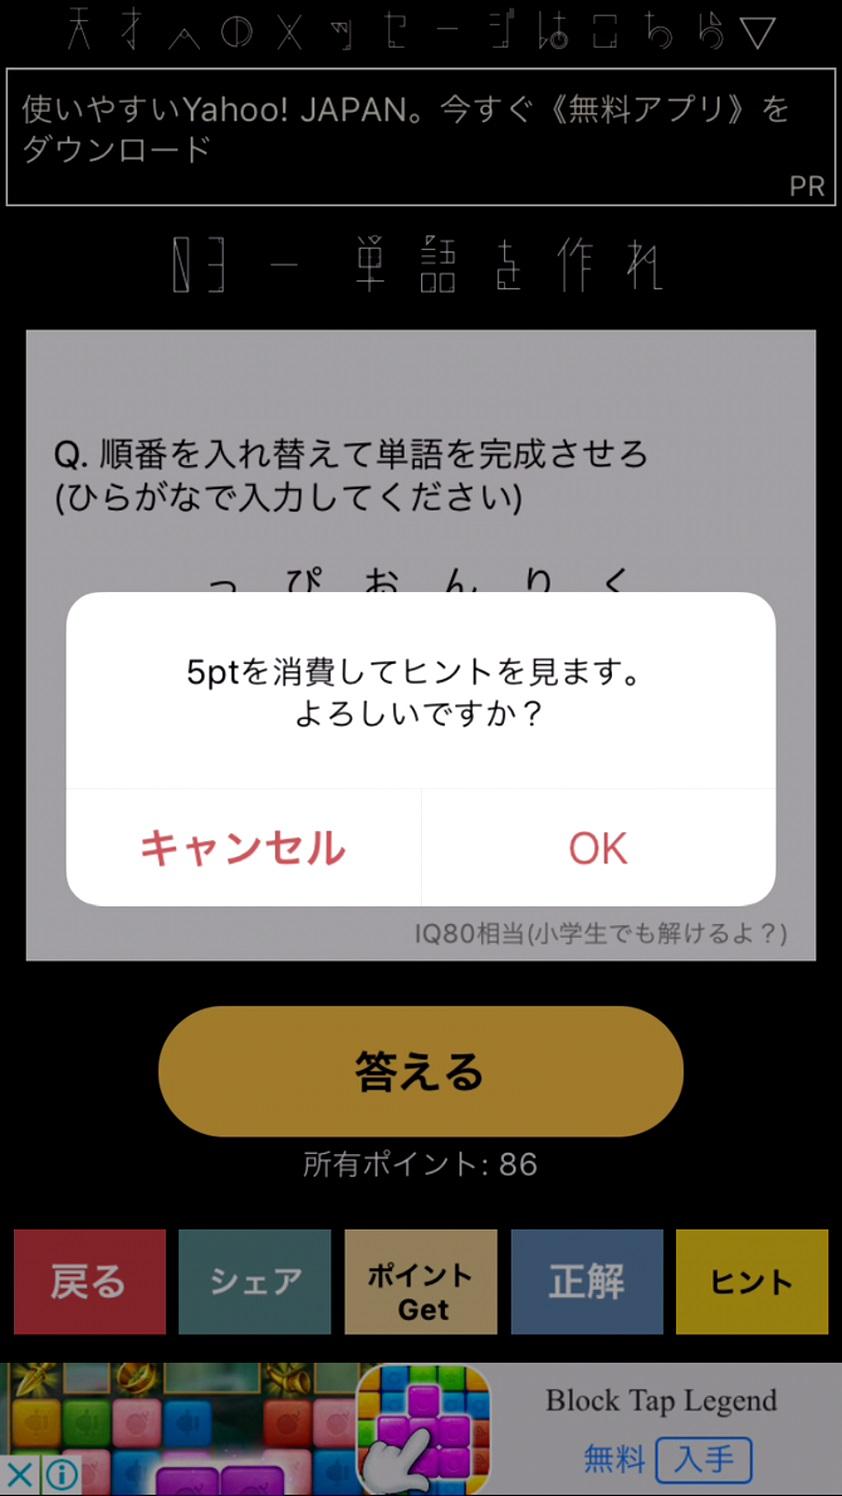 天才求む! androidアプリスクリーンショット3